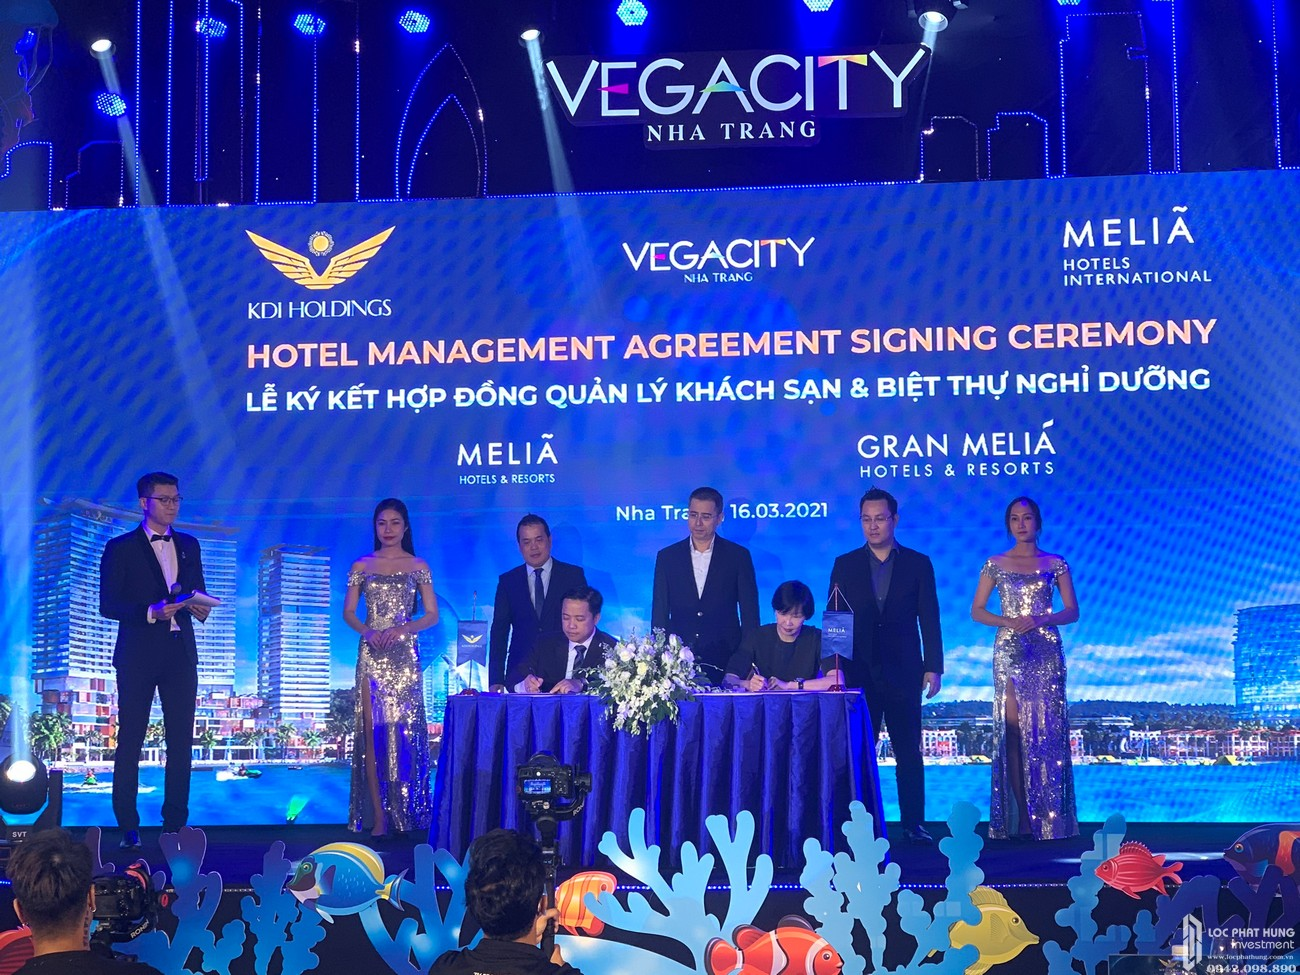 Vega City ký kết hợp đồng quản lý khách sạn & Biệt thự Nghỉ Dưỡng với Gran Meliá & Meliá Nha Trang